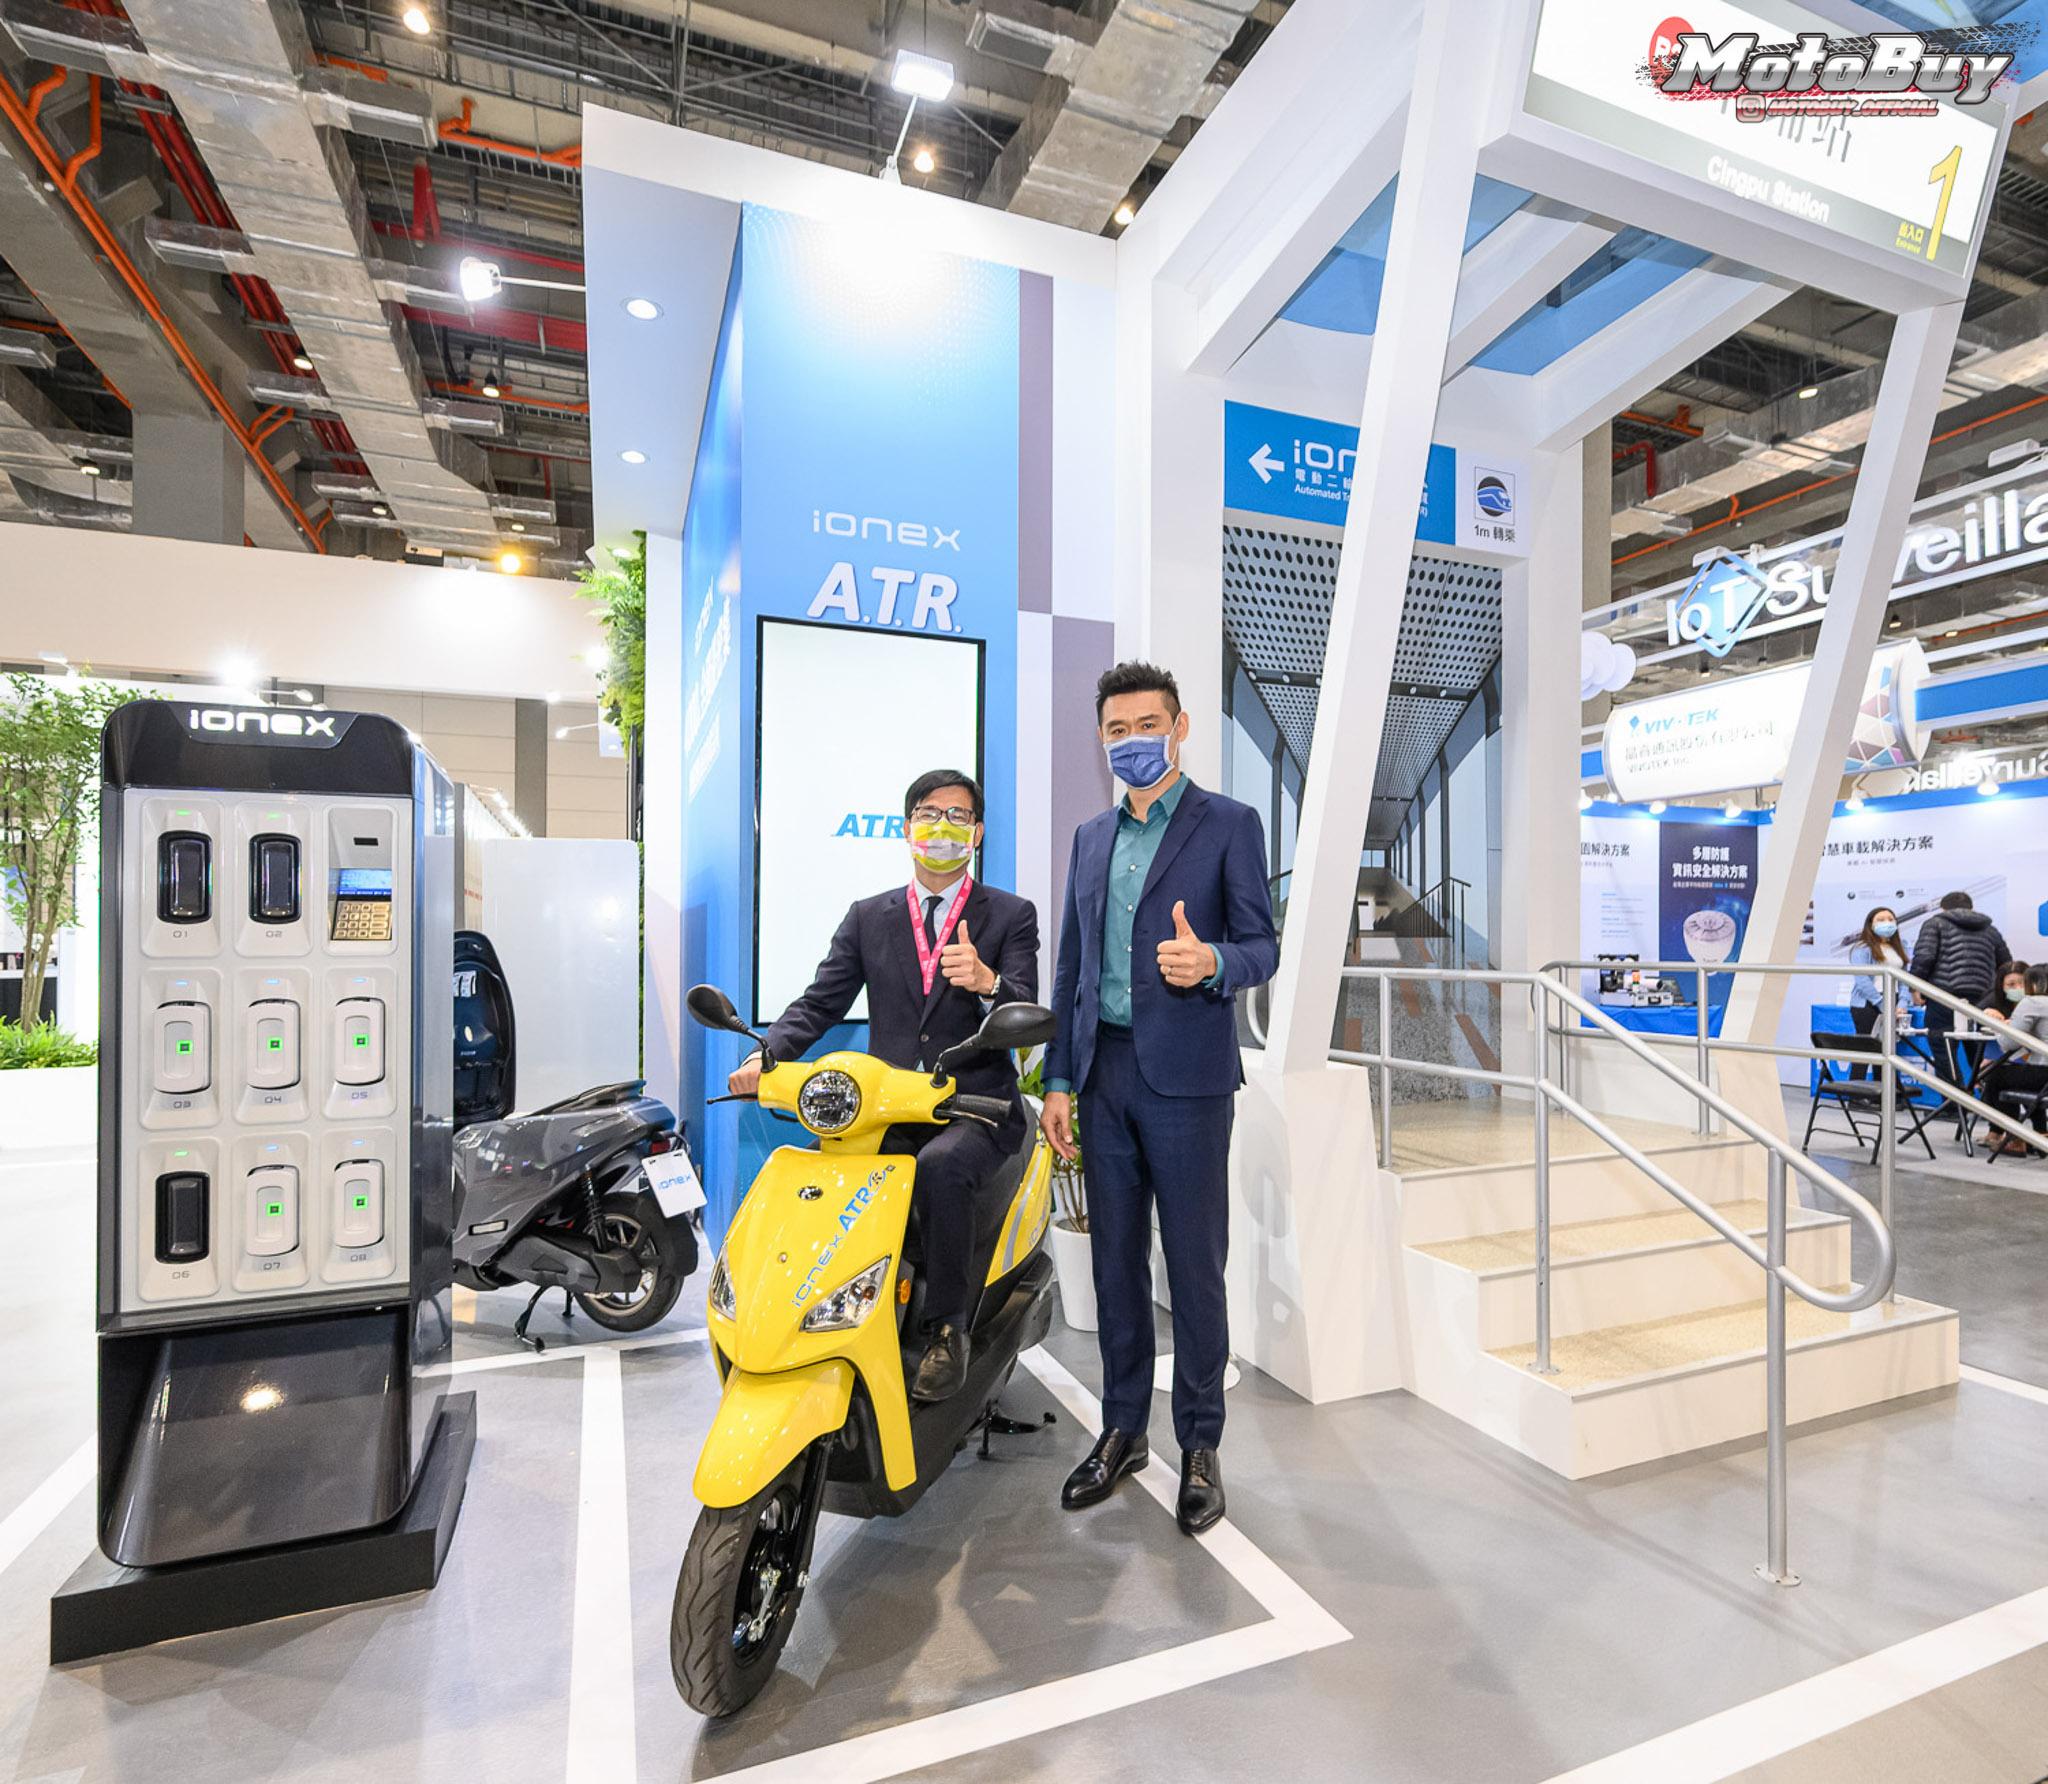 4. 今年五月,KYMCO與高雄捷運合作的「Ionex ATR電動二輪車自助租賃」將於高雄捷運青埔站正式展開營運